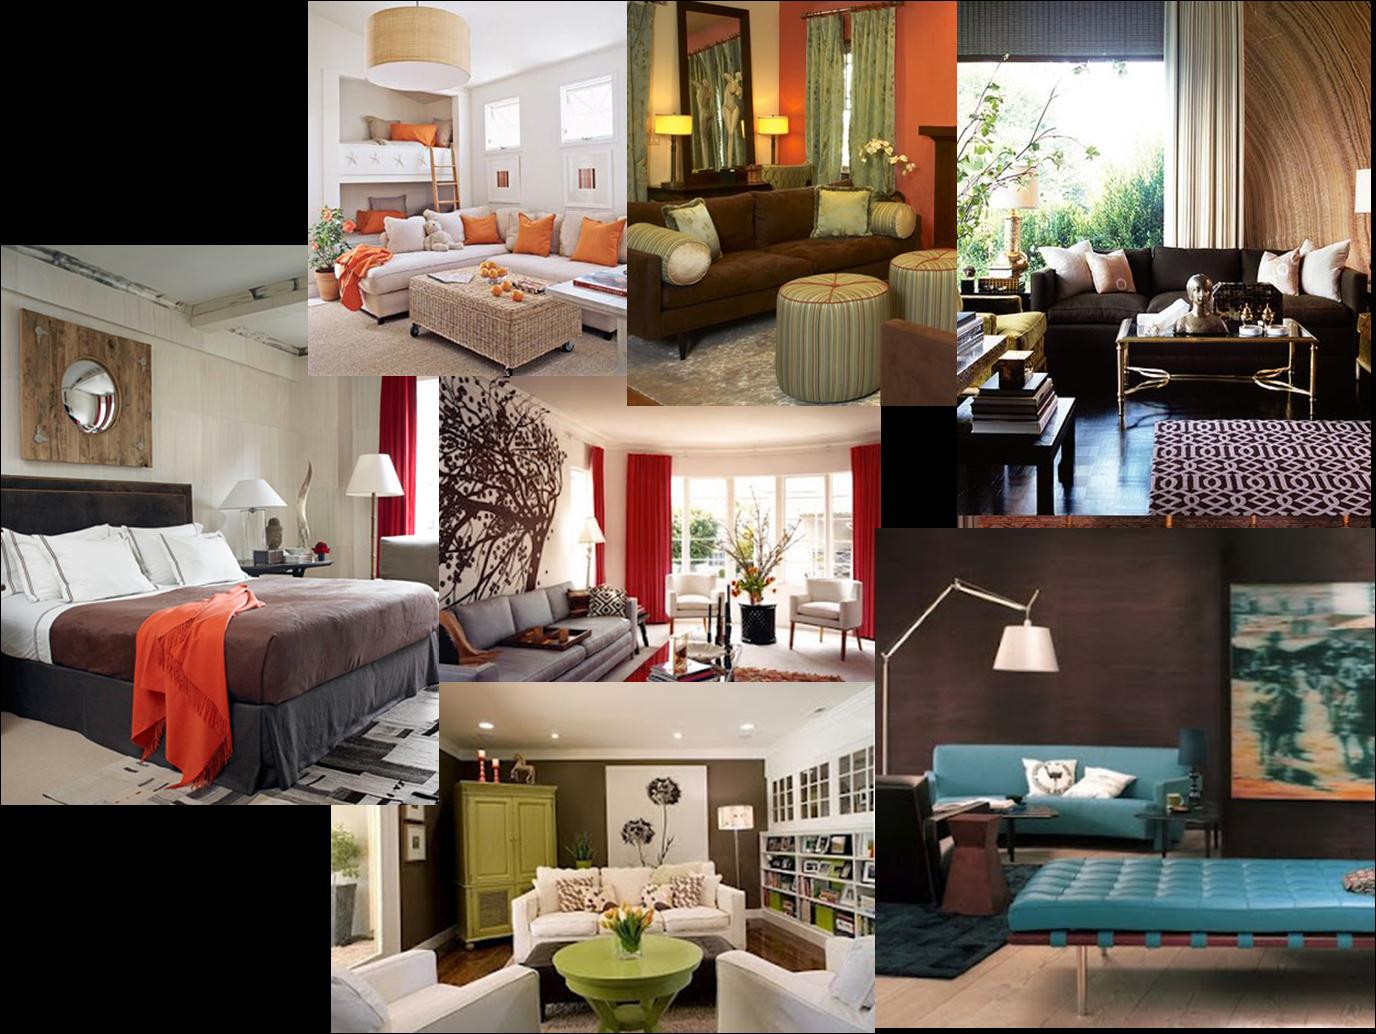 #A93622 dicas para usar sofá bege e marrom sem deixar a sala sem graça e  1376x1034 píxeis em Decoração De Sala De Estar Marrom E Vermelho